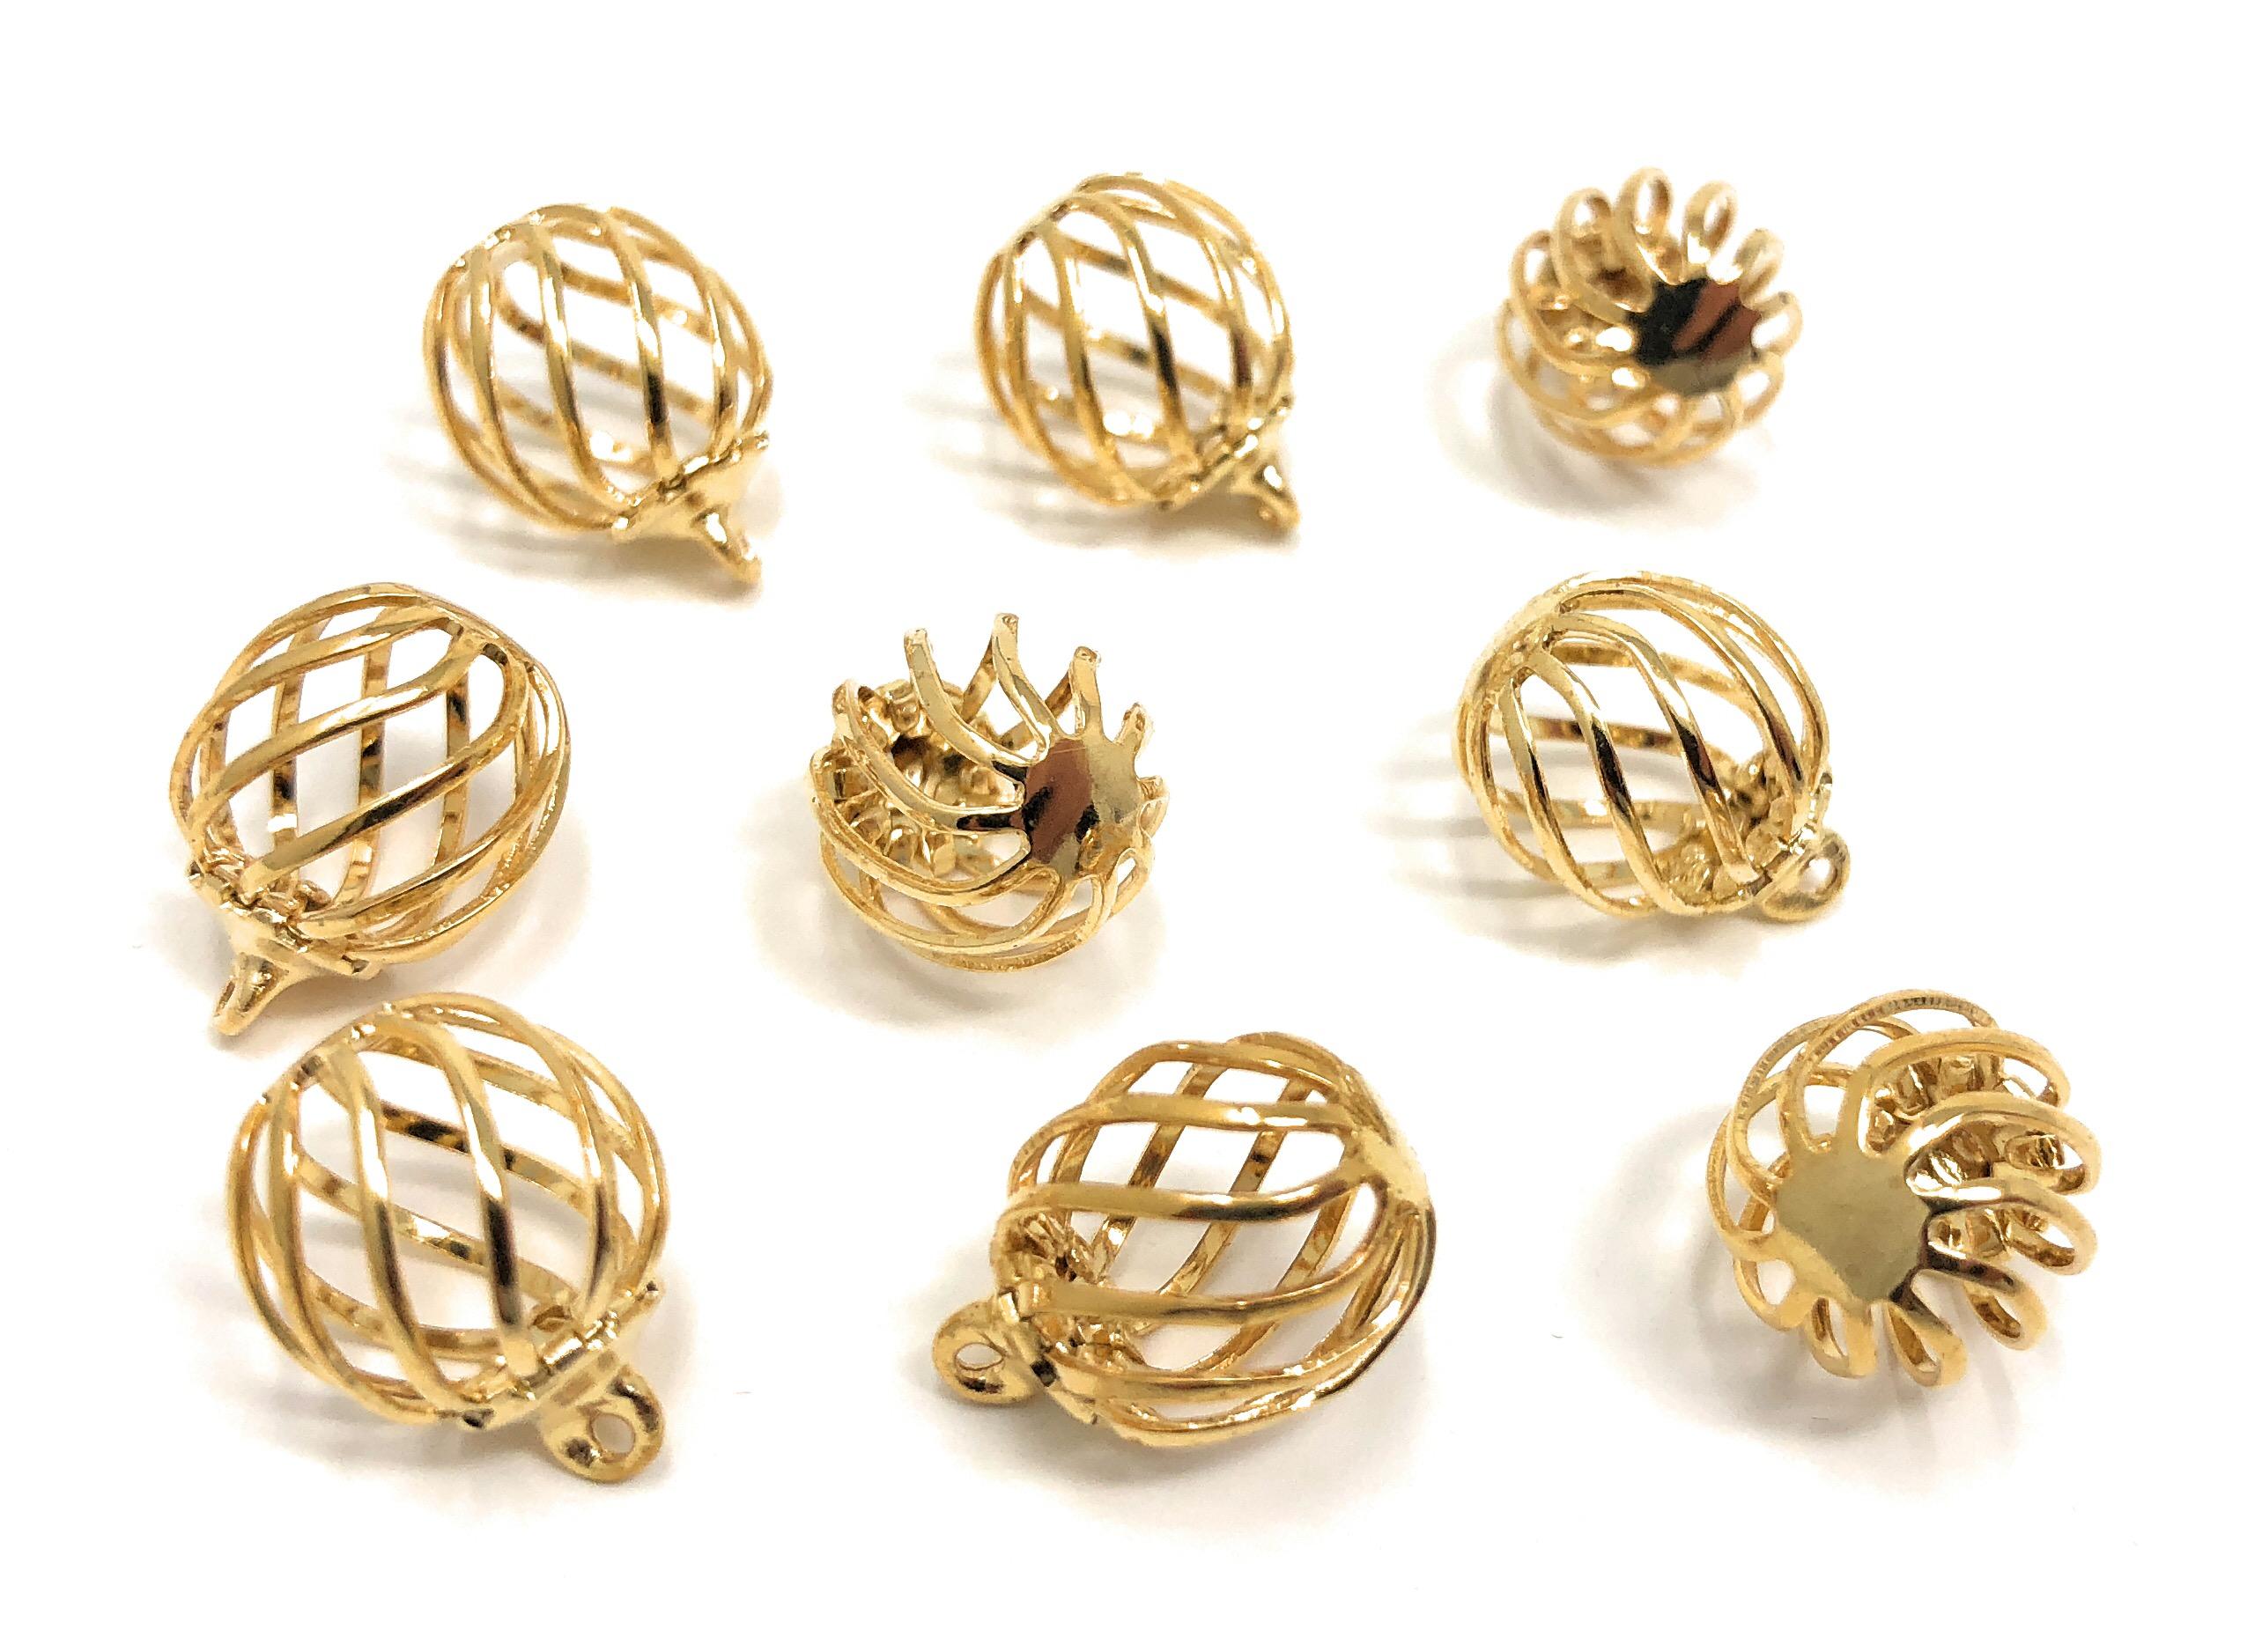 metallperle-mit-ose-anhanger-kafig-geschwungen-10mm-gold-100-stuck